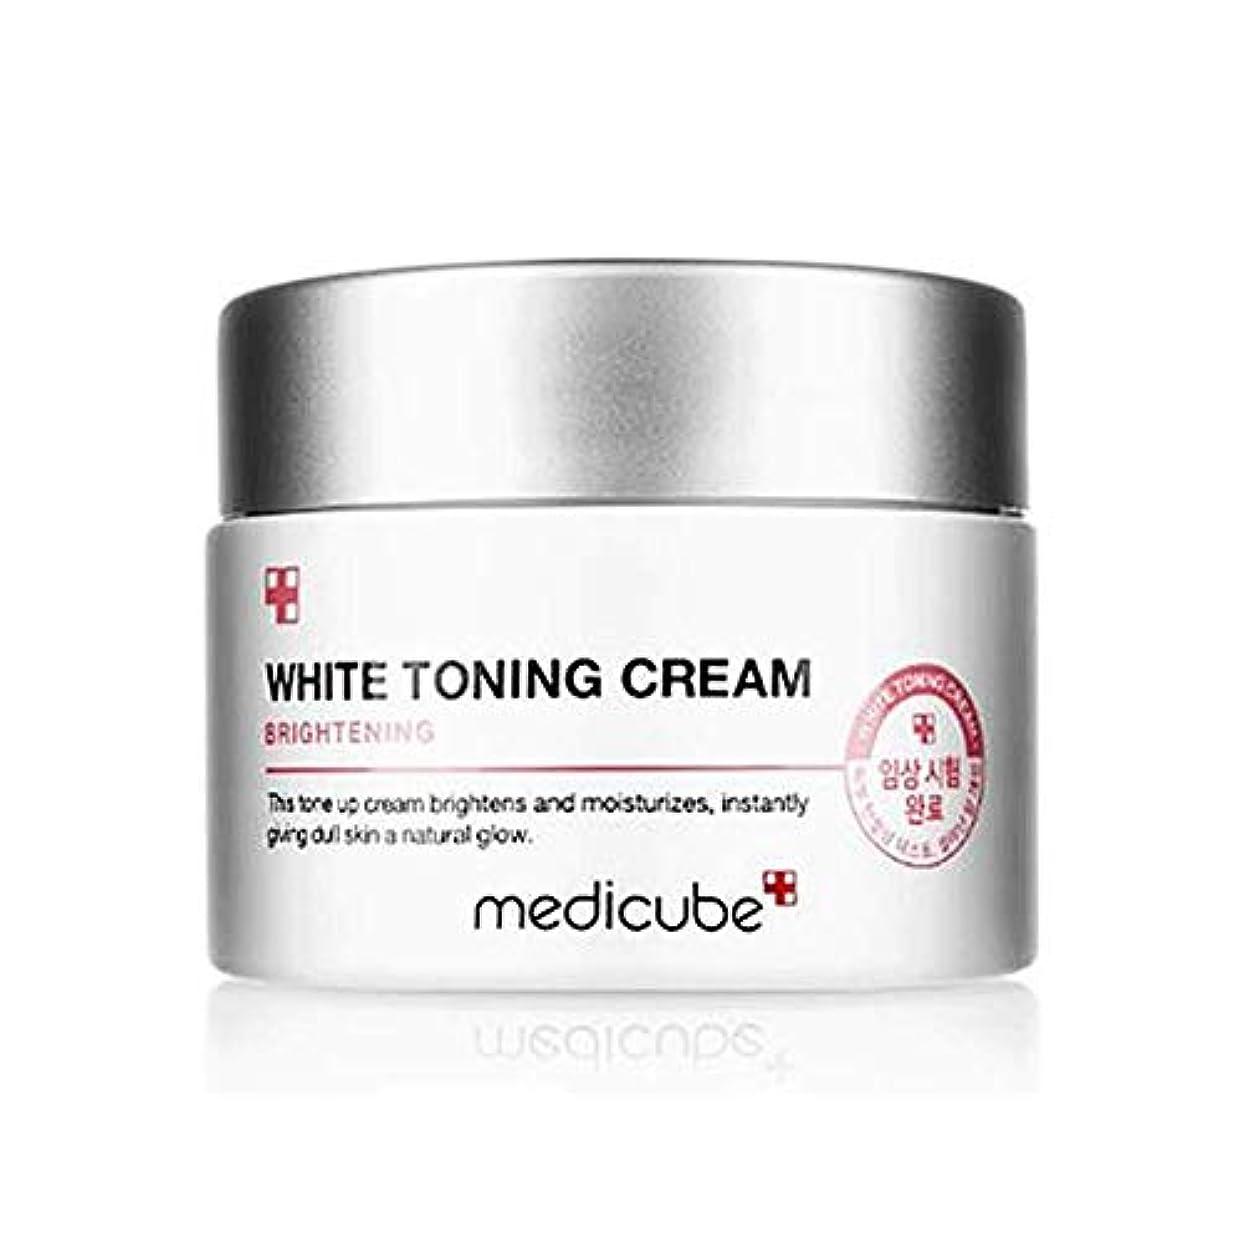 アーティファクト迷路緊張するMedicube WHITE TONING CREAM メディキューブ ホワイトトーニングクリーム 55ml [並行輸入品]